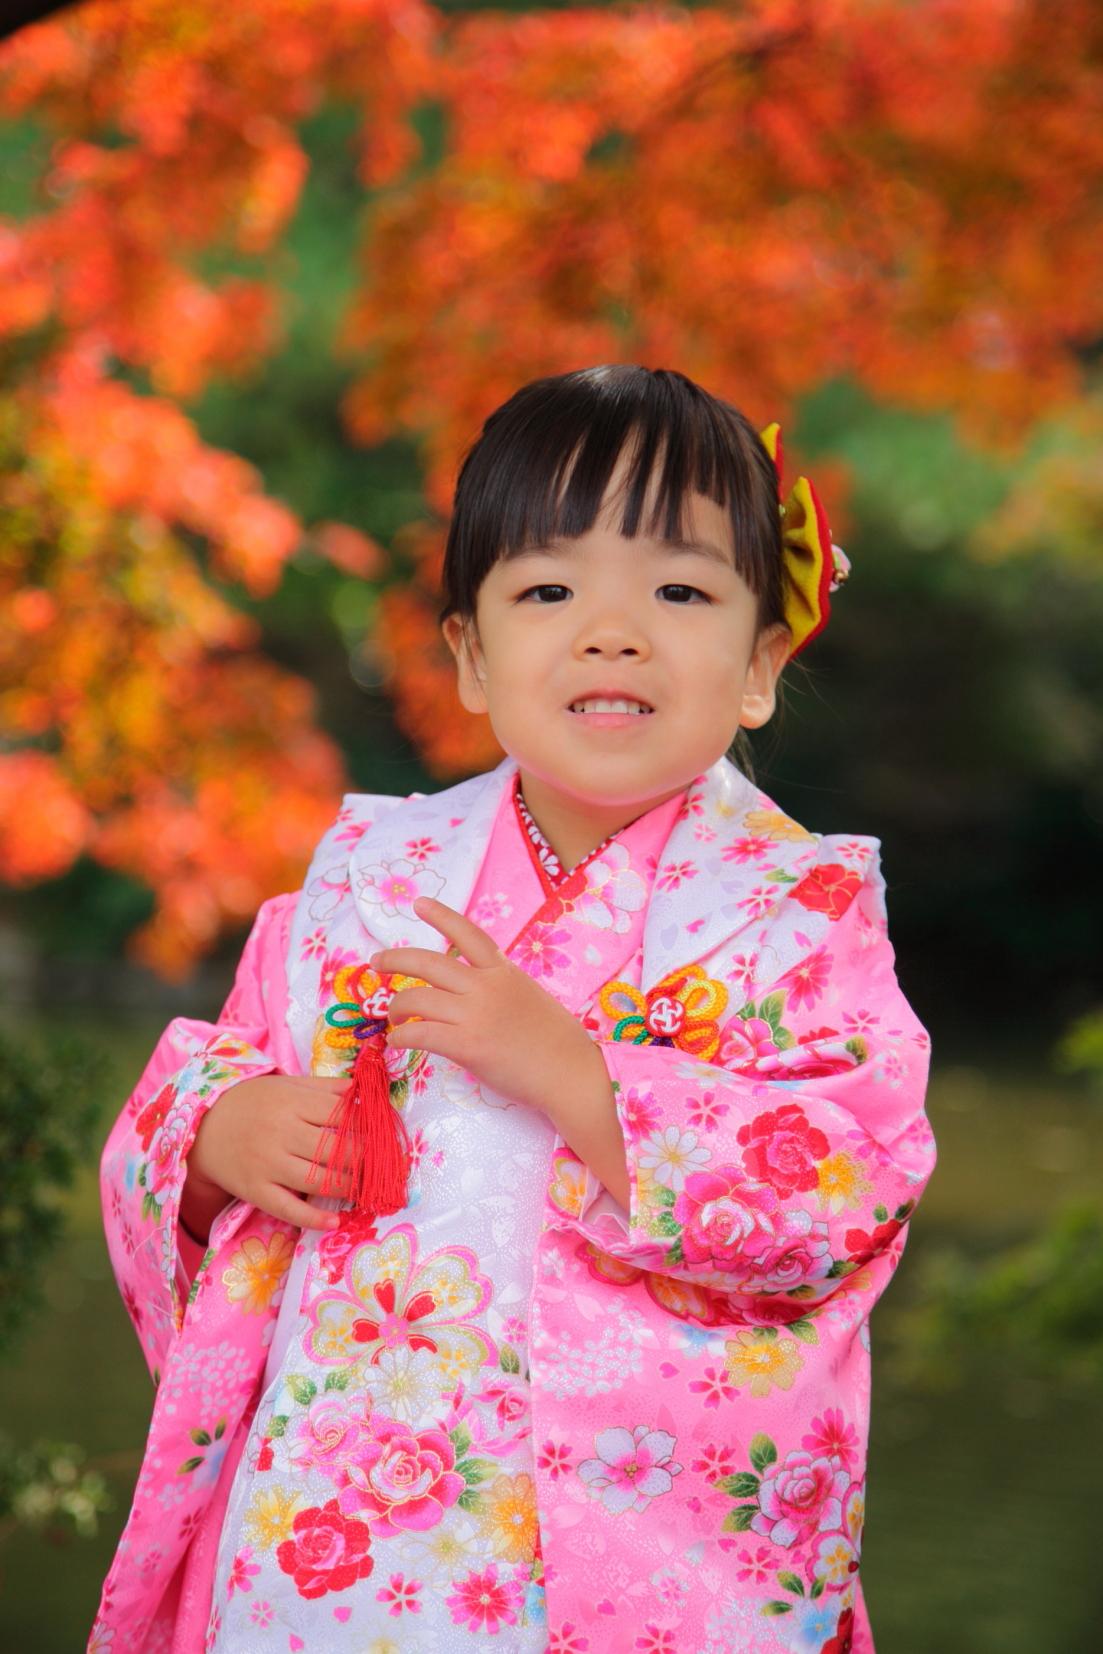 七五三撮影 七五三詣り 七五三女児 出張撮影あおぞら 蛭子美和子撮影